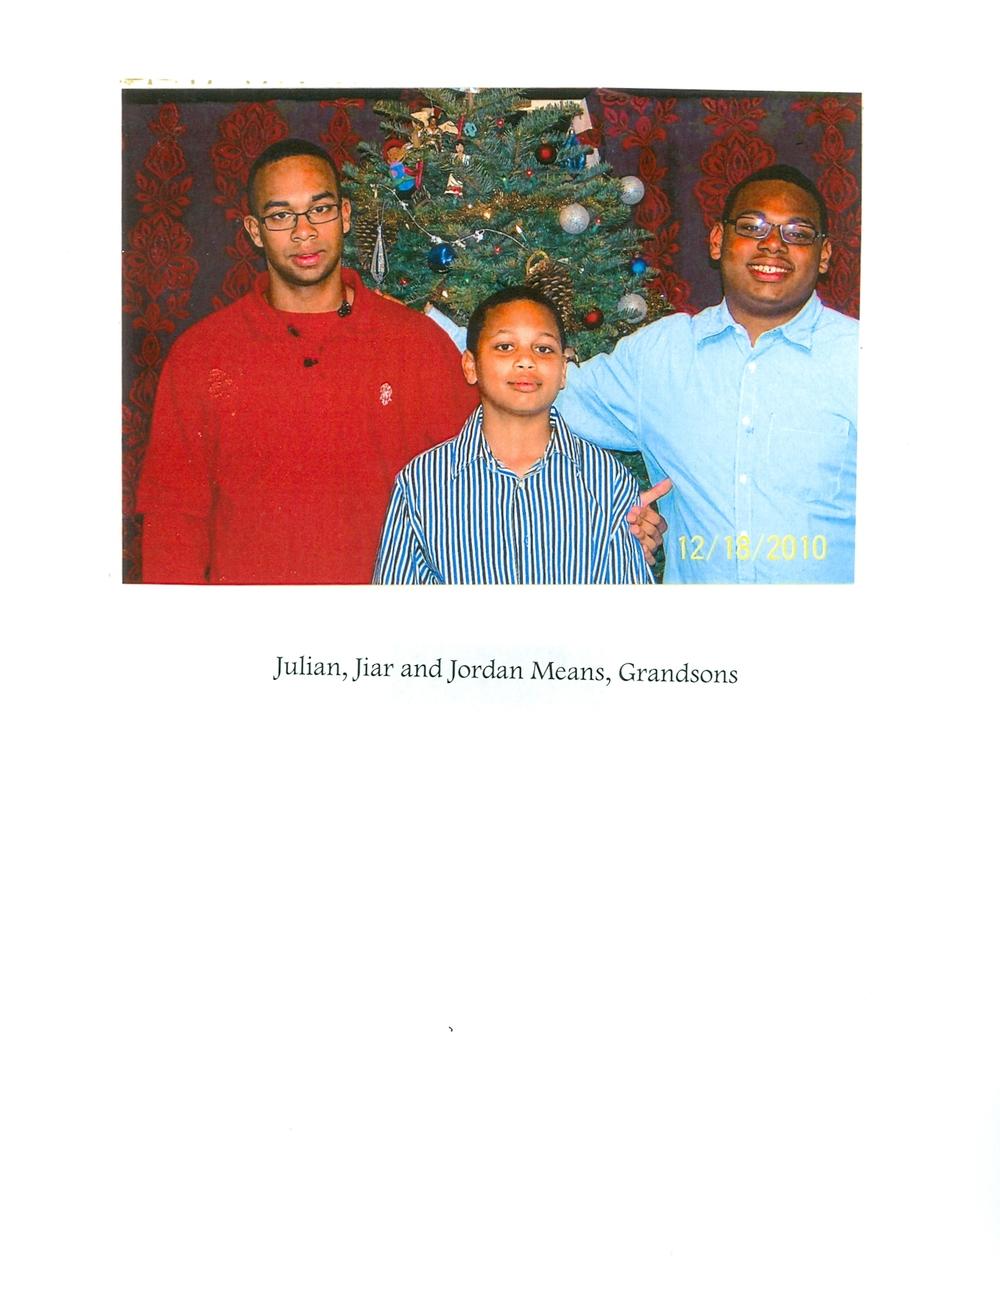 Grandsons.jpg